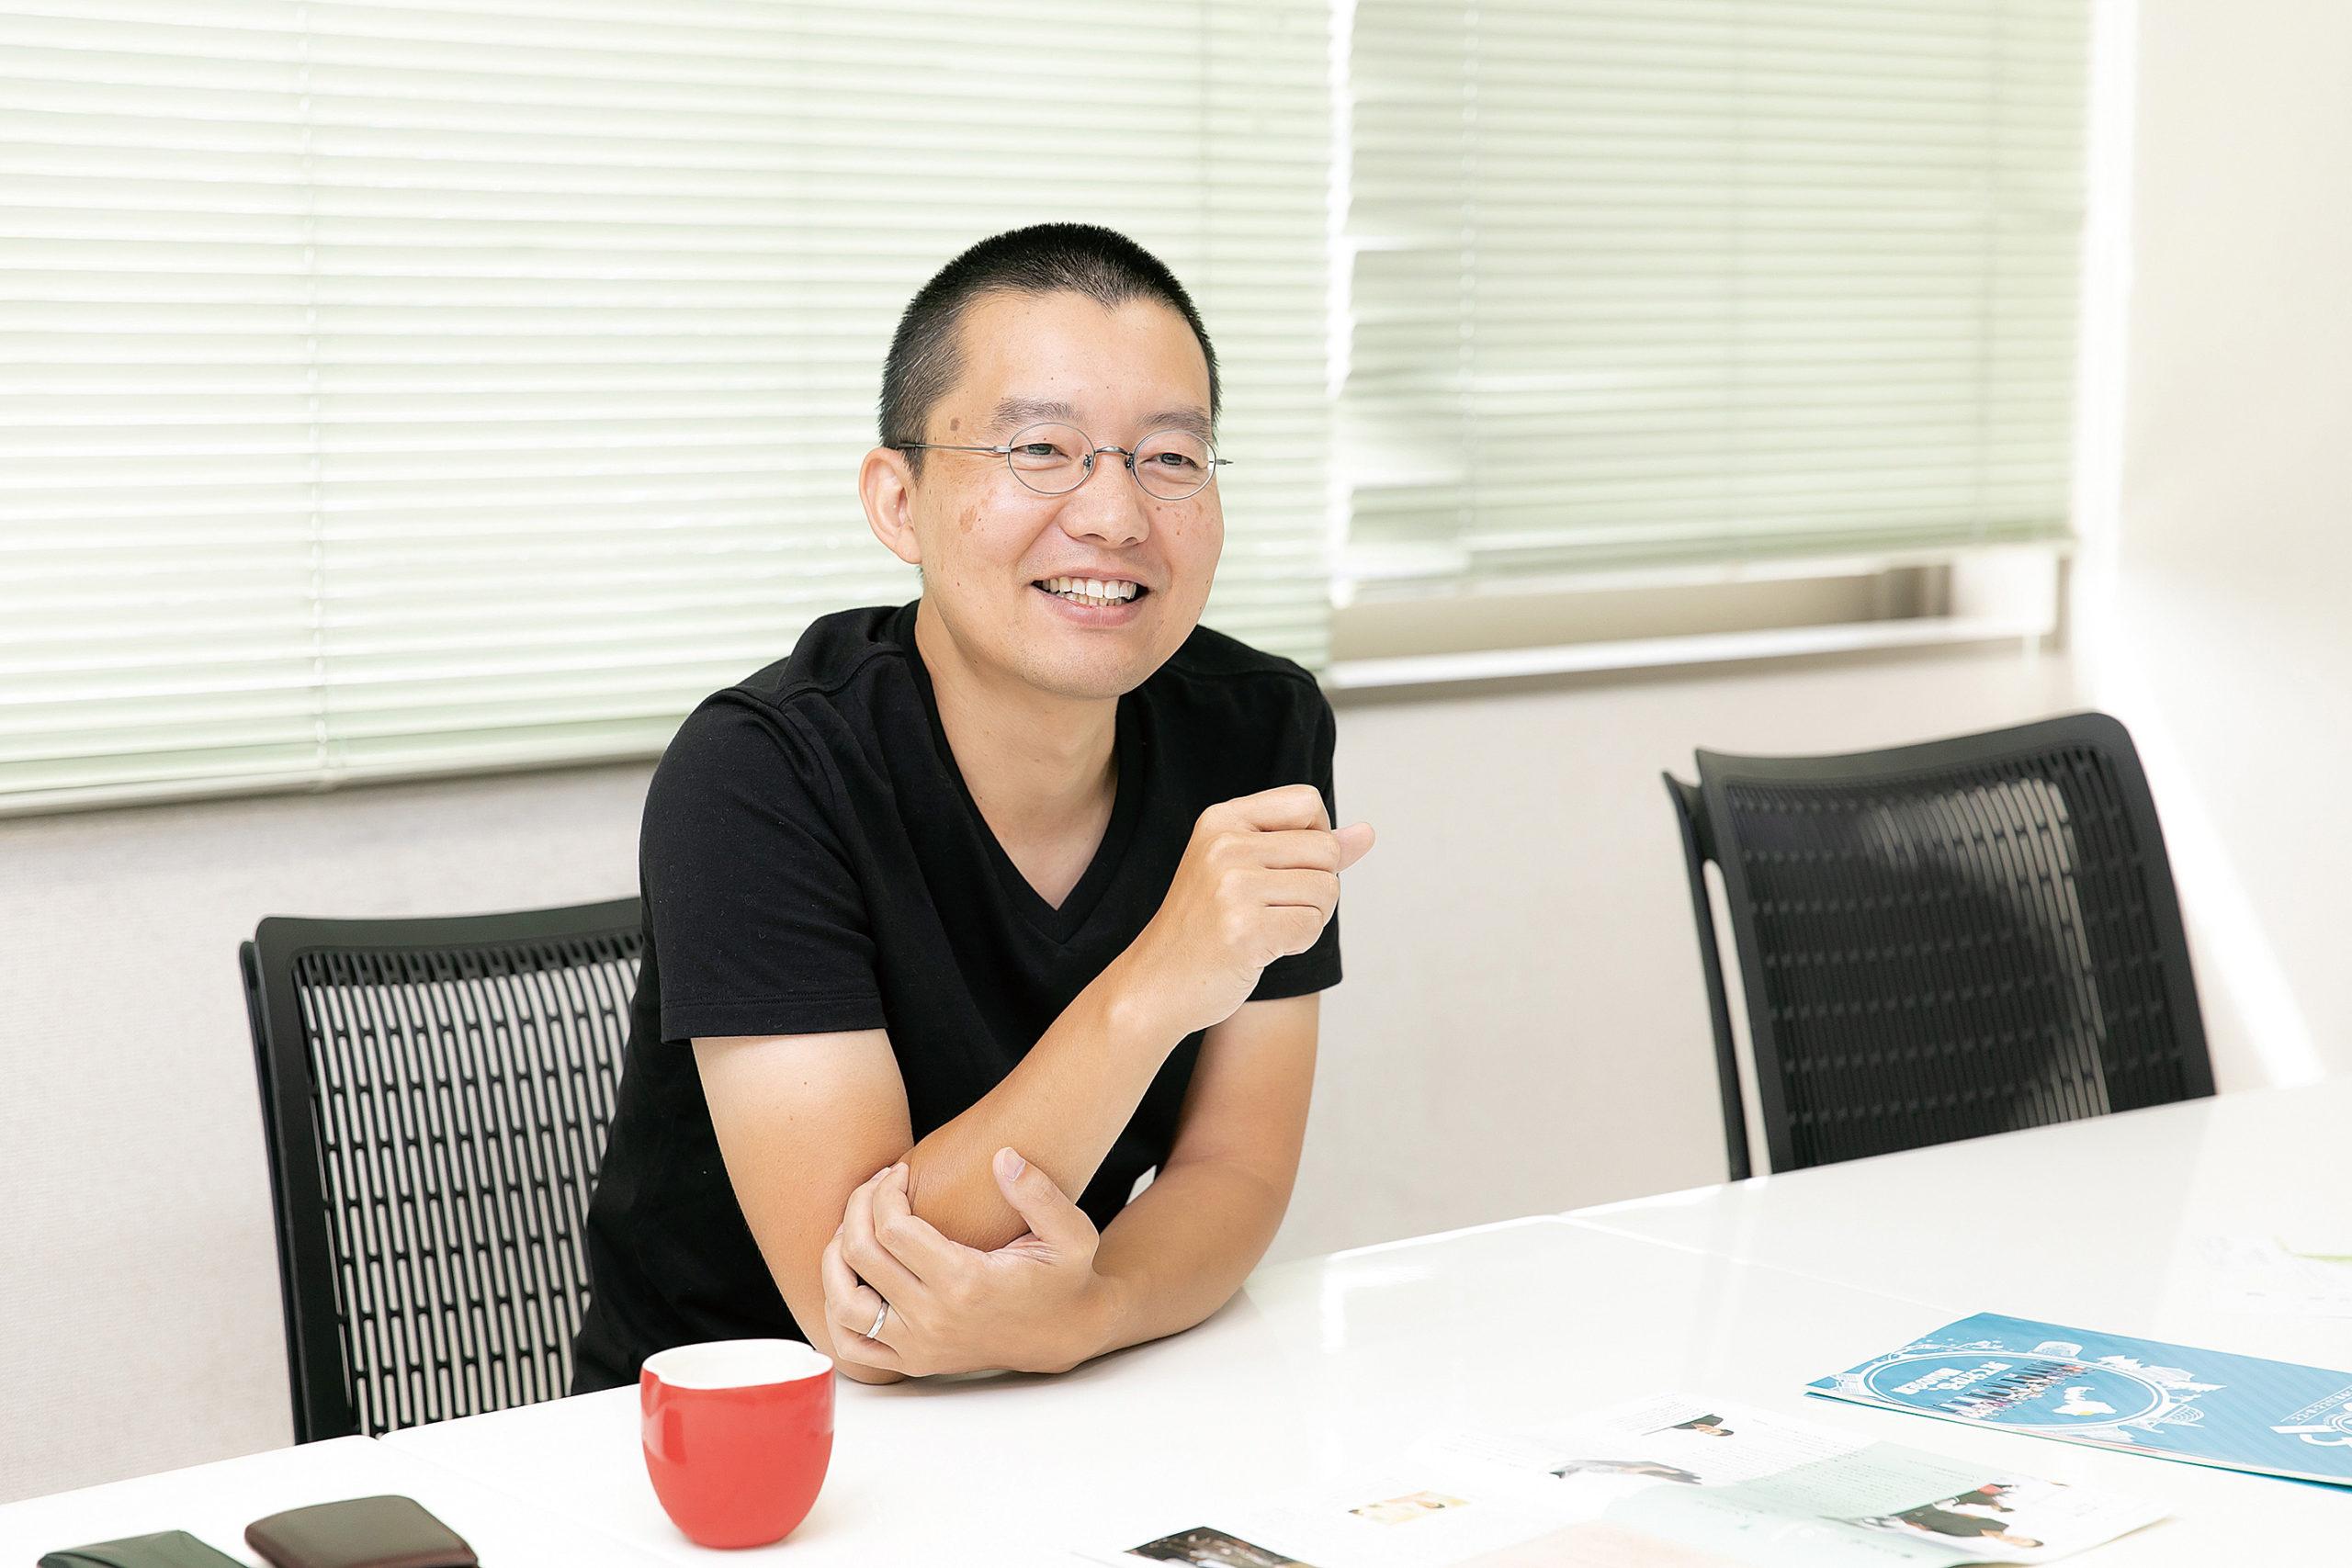 松田優一さん(プログラマー)「勝山には何もない」って言葉は裏返せば「自分のなかに何もない」のと同じ